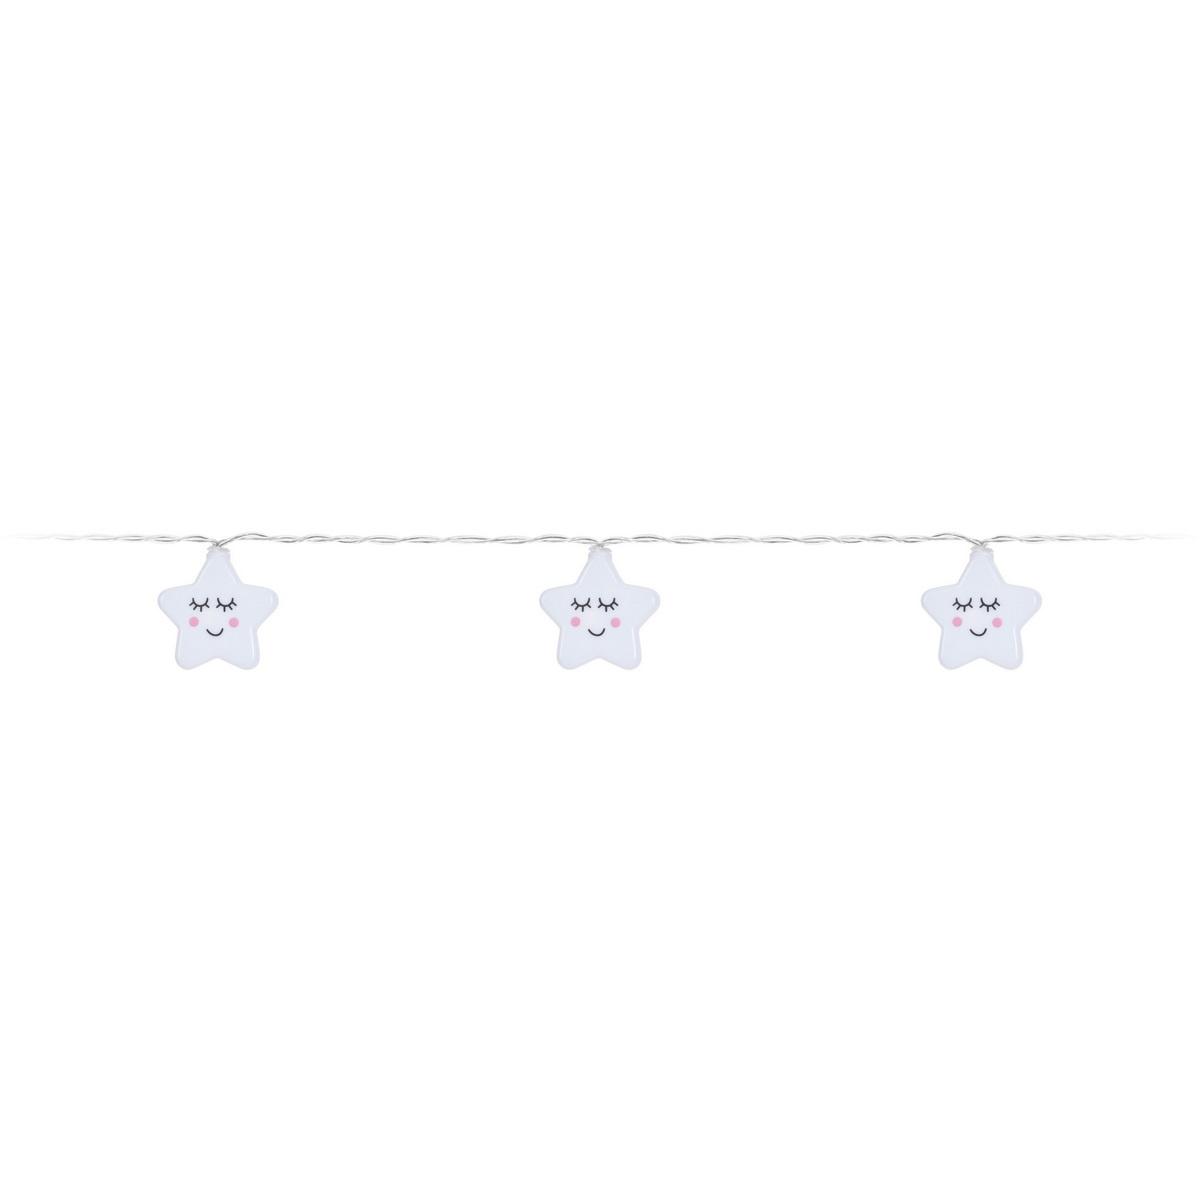 Koopman Dětský světelný řetěz Sleeping stars, 10